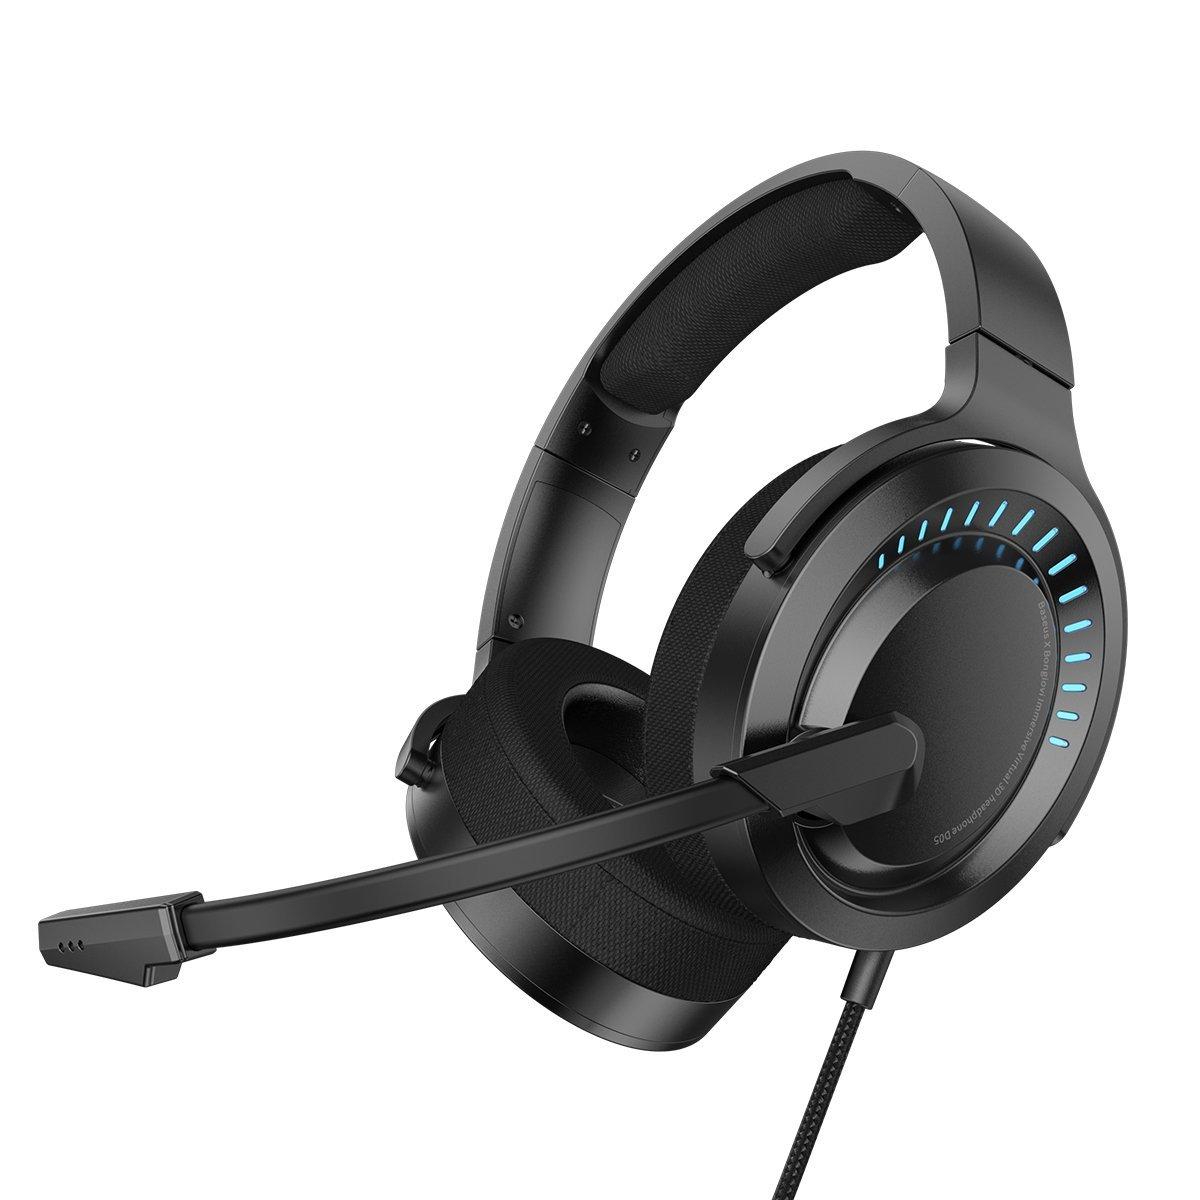 Billede af Baseus GAMO 3D Gaming Headset Til Computer m. RGB - Sort